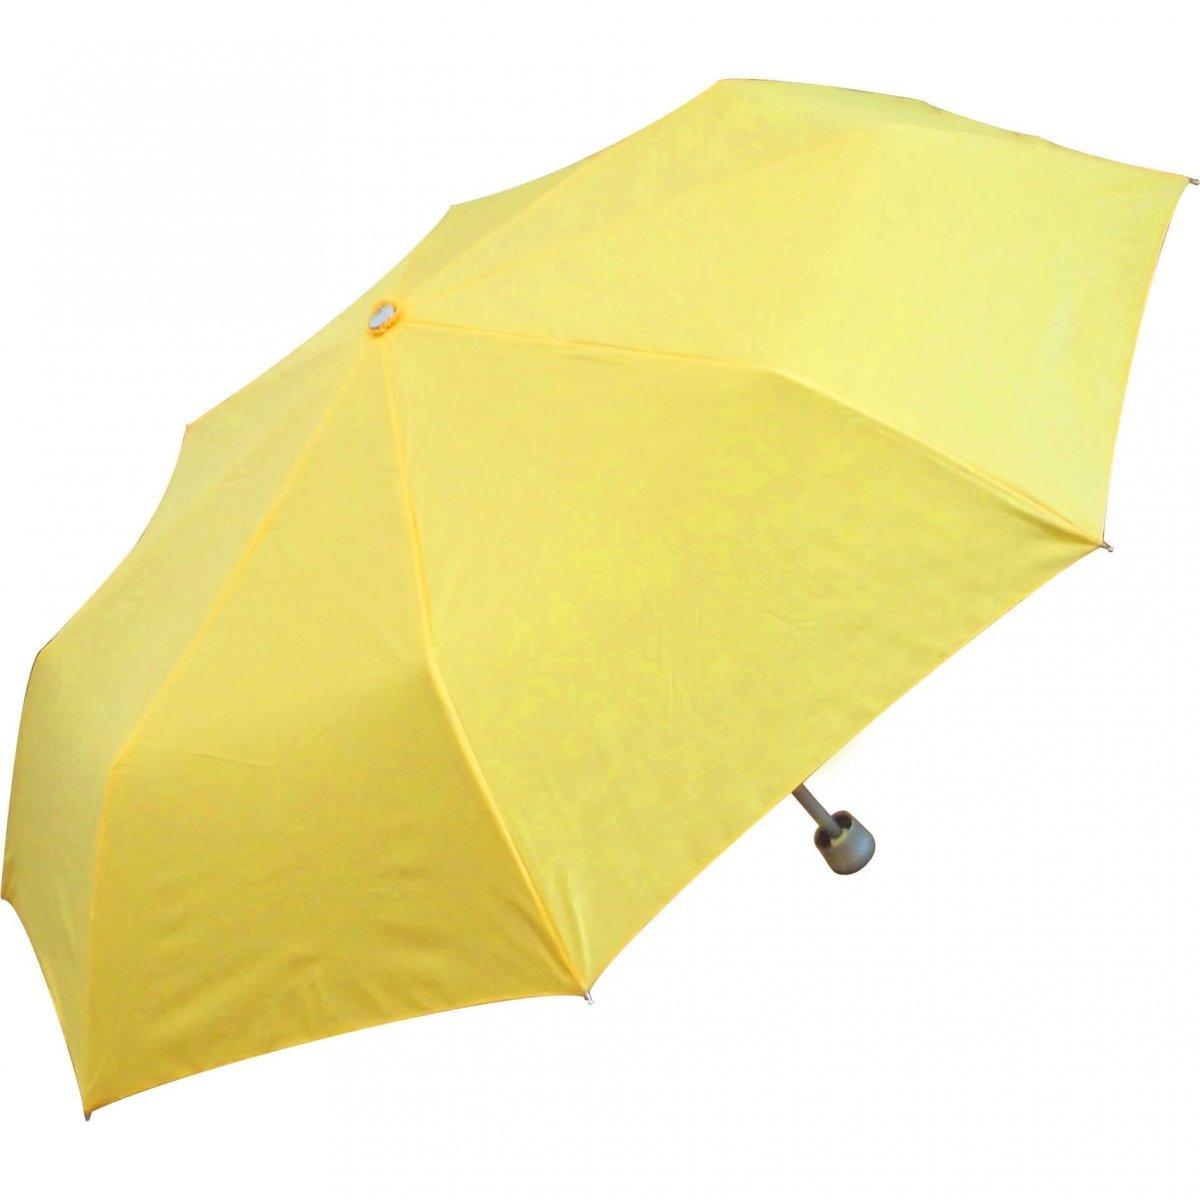 Classic Telescopic Umbrella